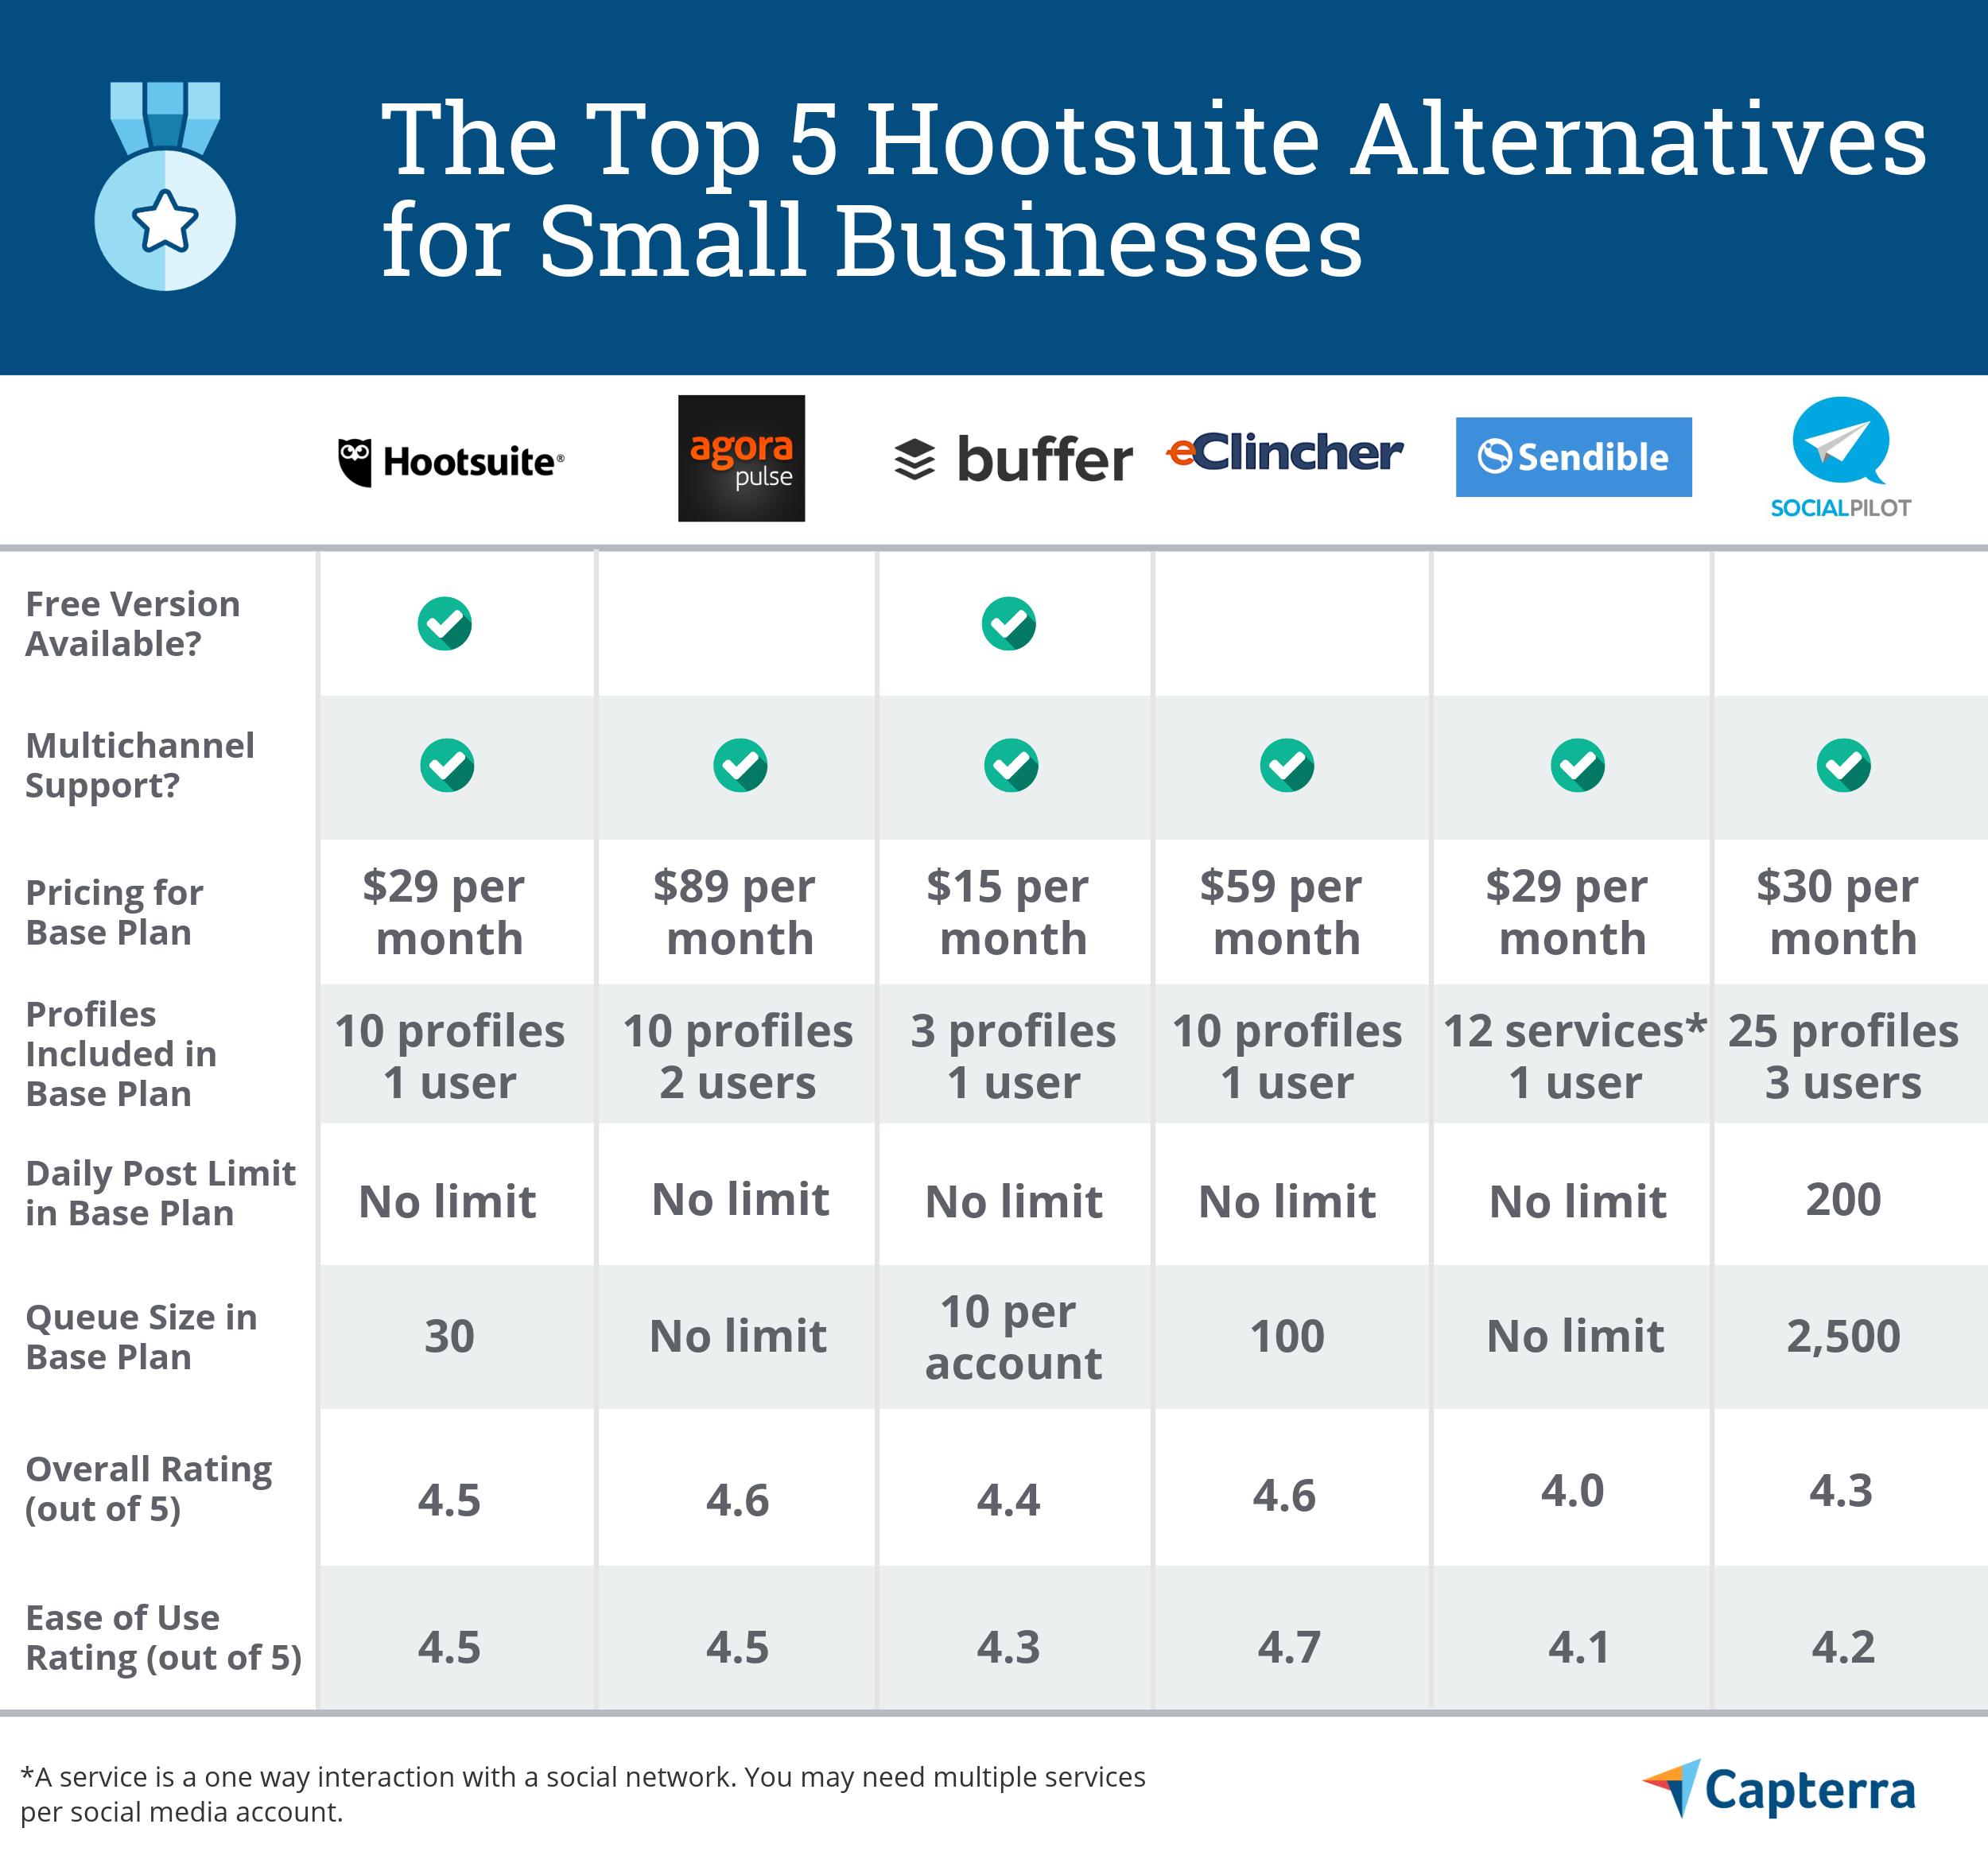 Таблица лучших альтернатив Hootsuite для малого бизнеса